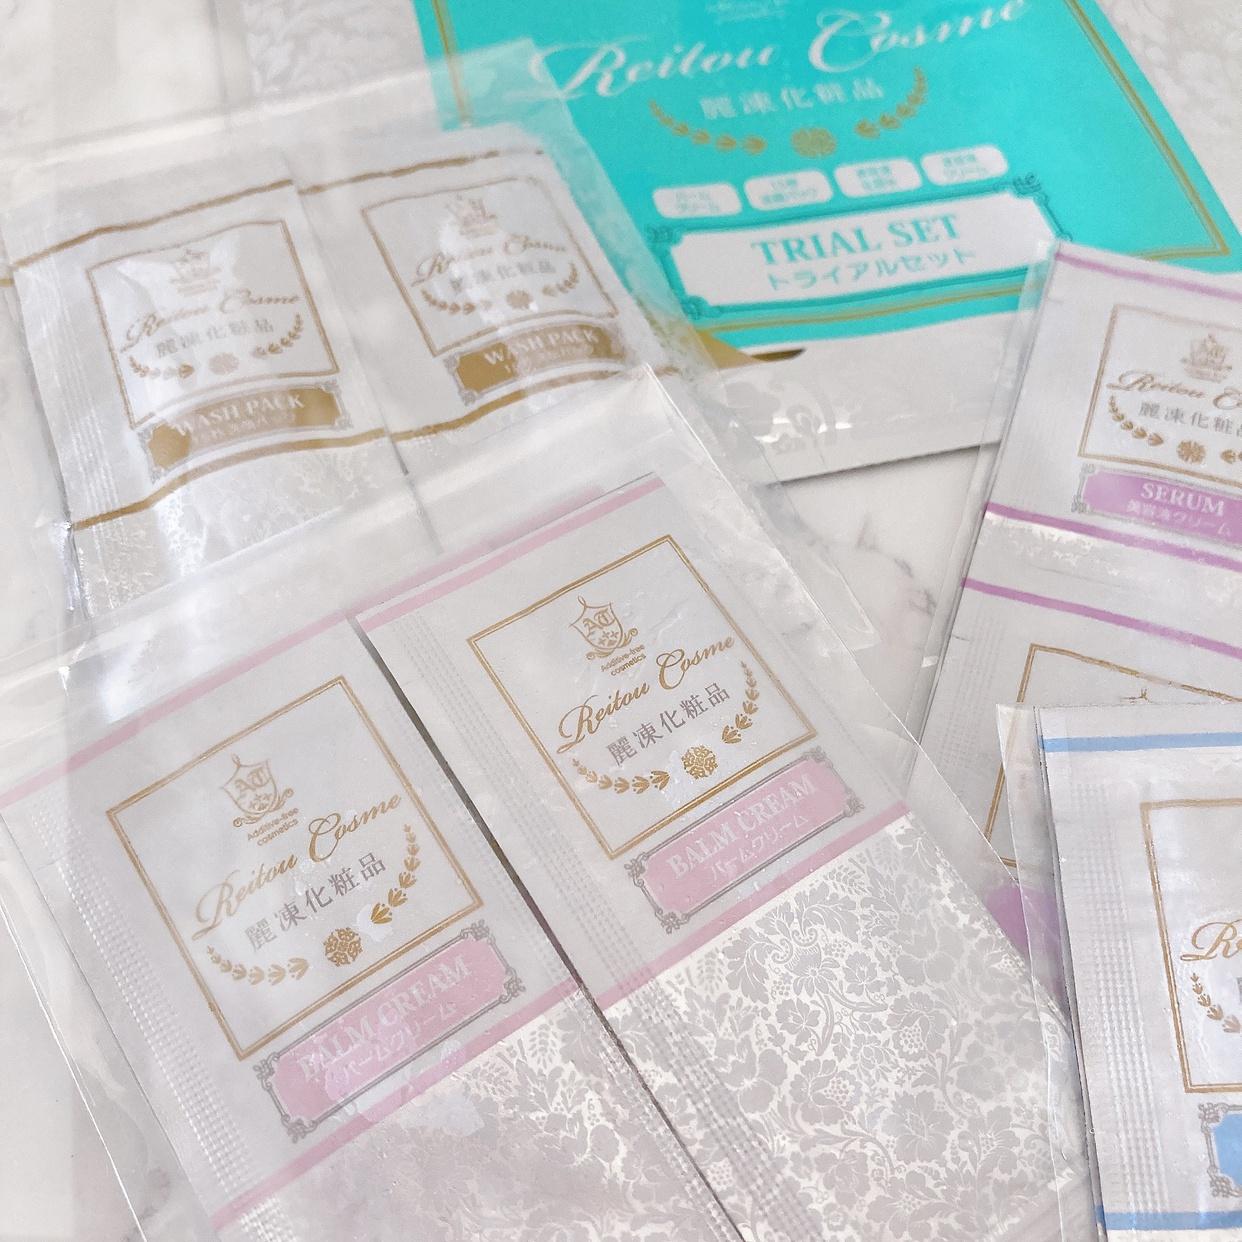 麗凍化粧品(Reitou Cosme) トライアルセットの良い点・メリットに関する岡村 有沙さんの口コミ画像1